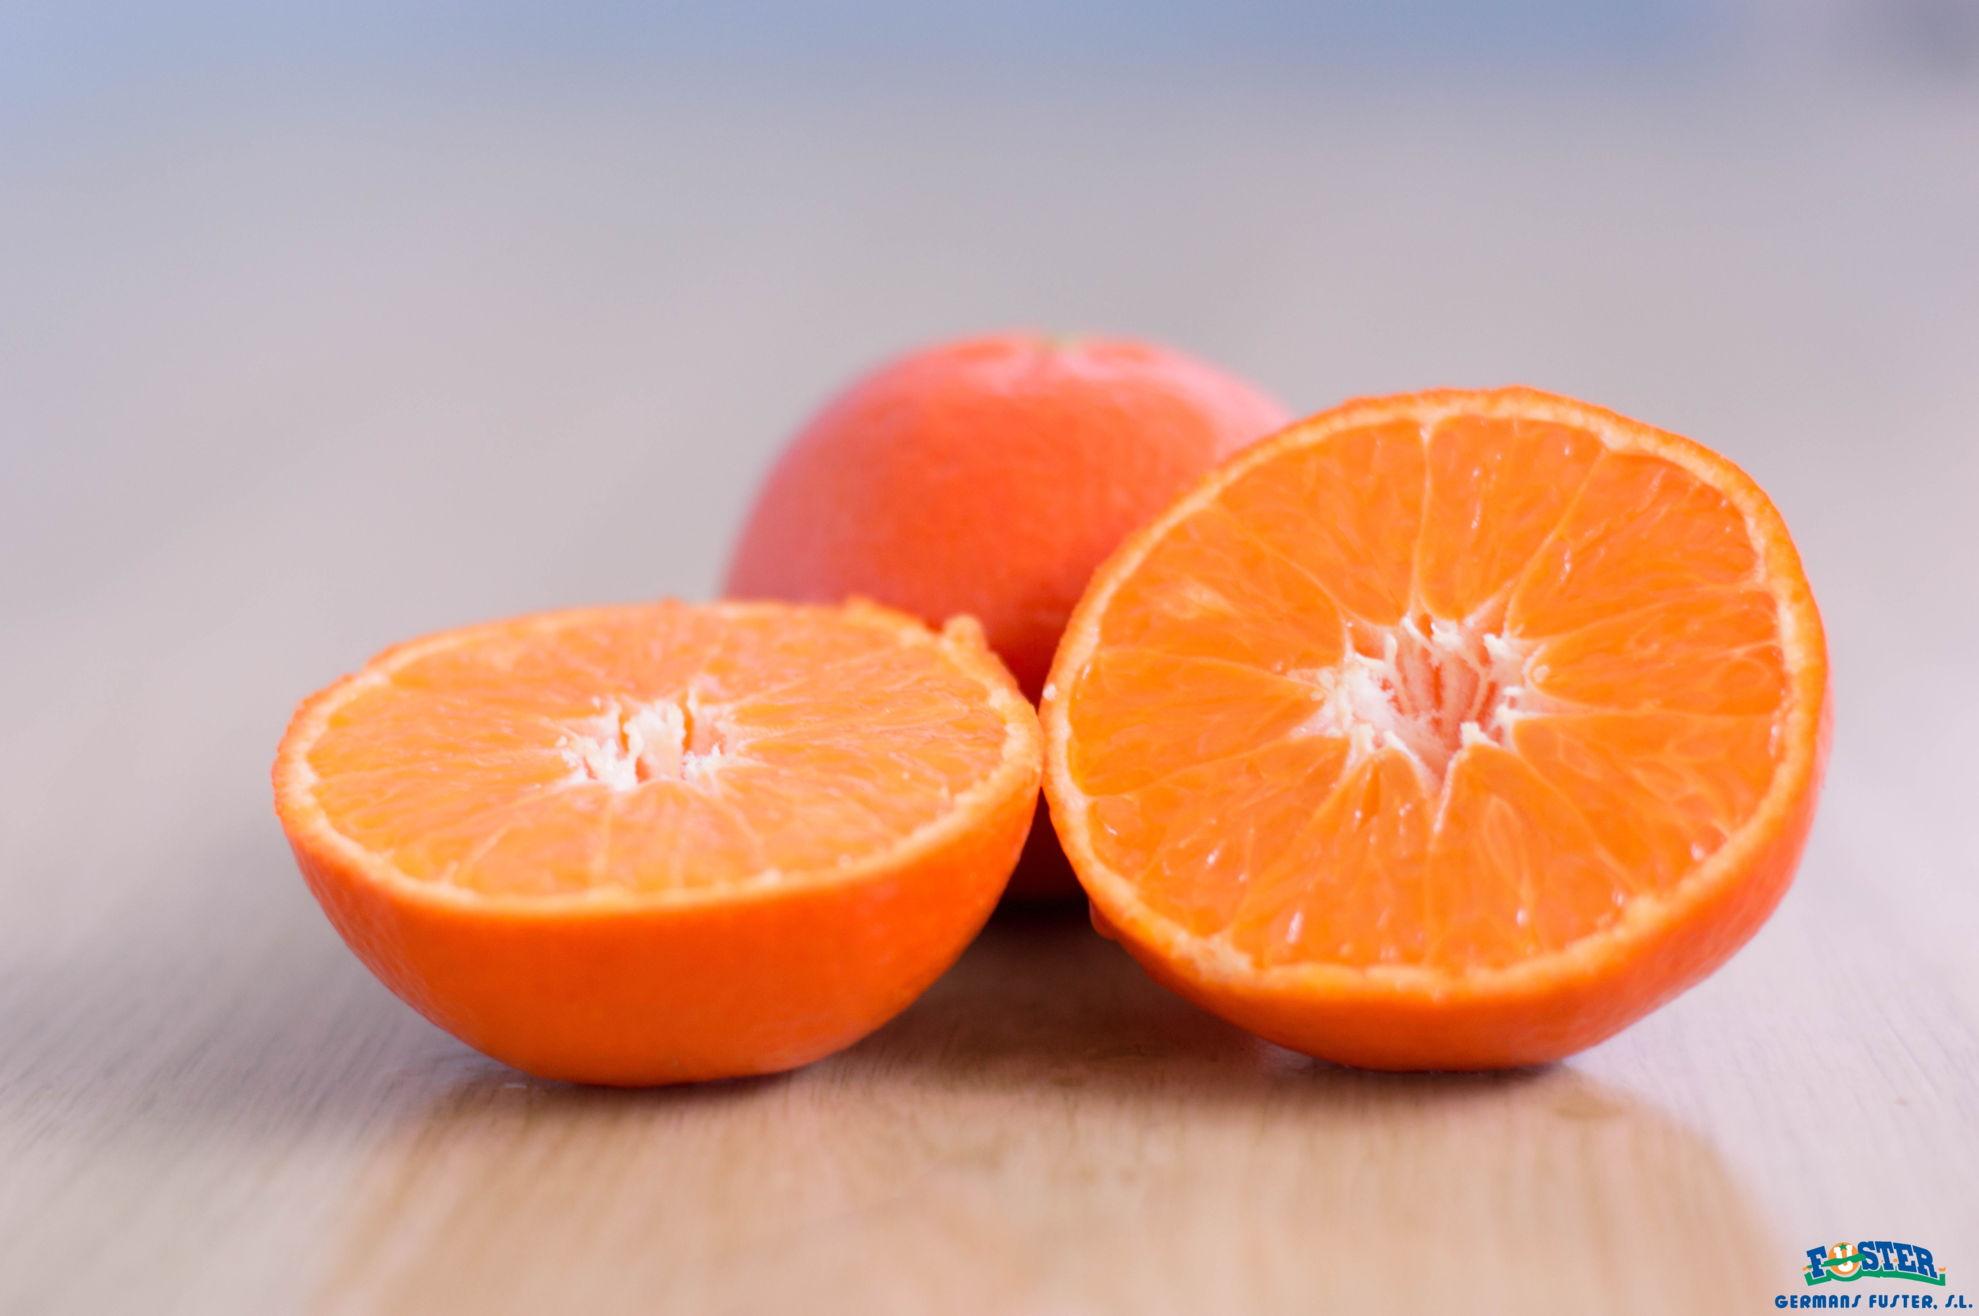 conservar-mandarinas-germansfustersl